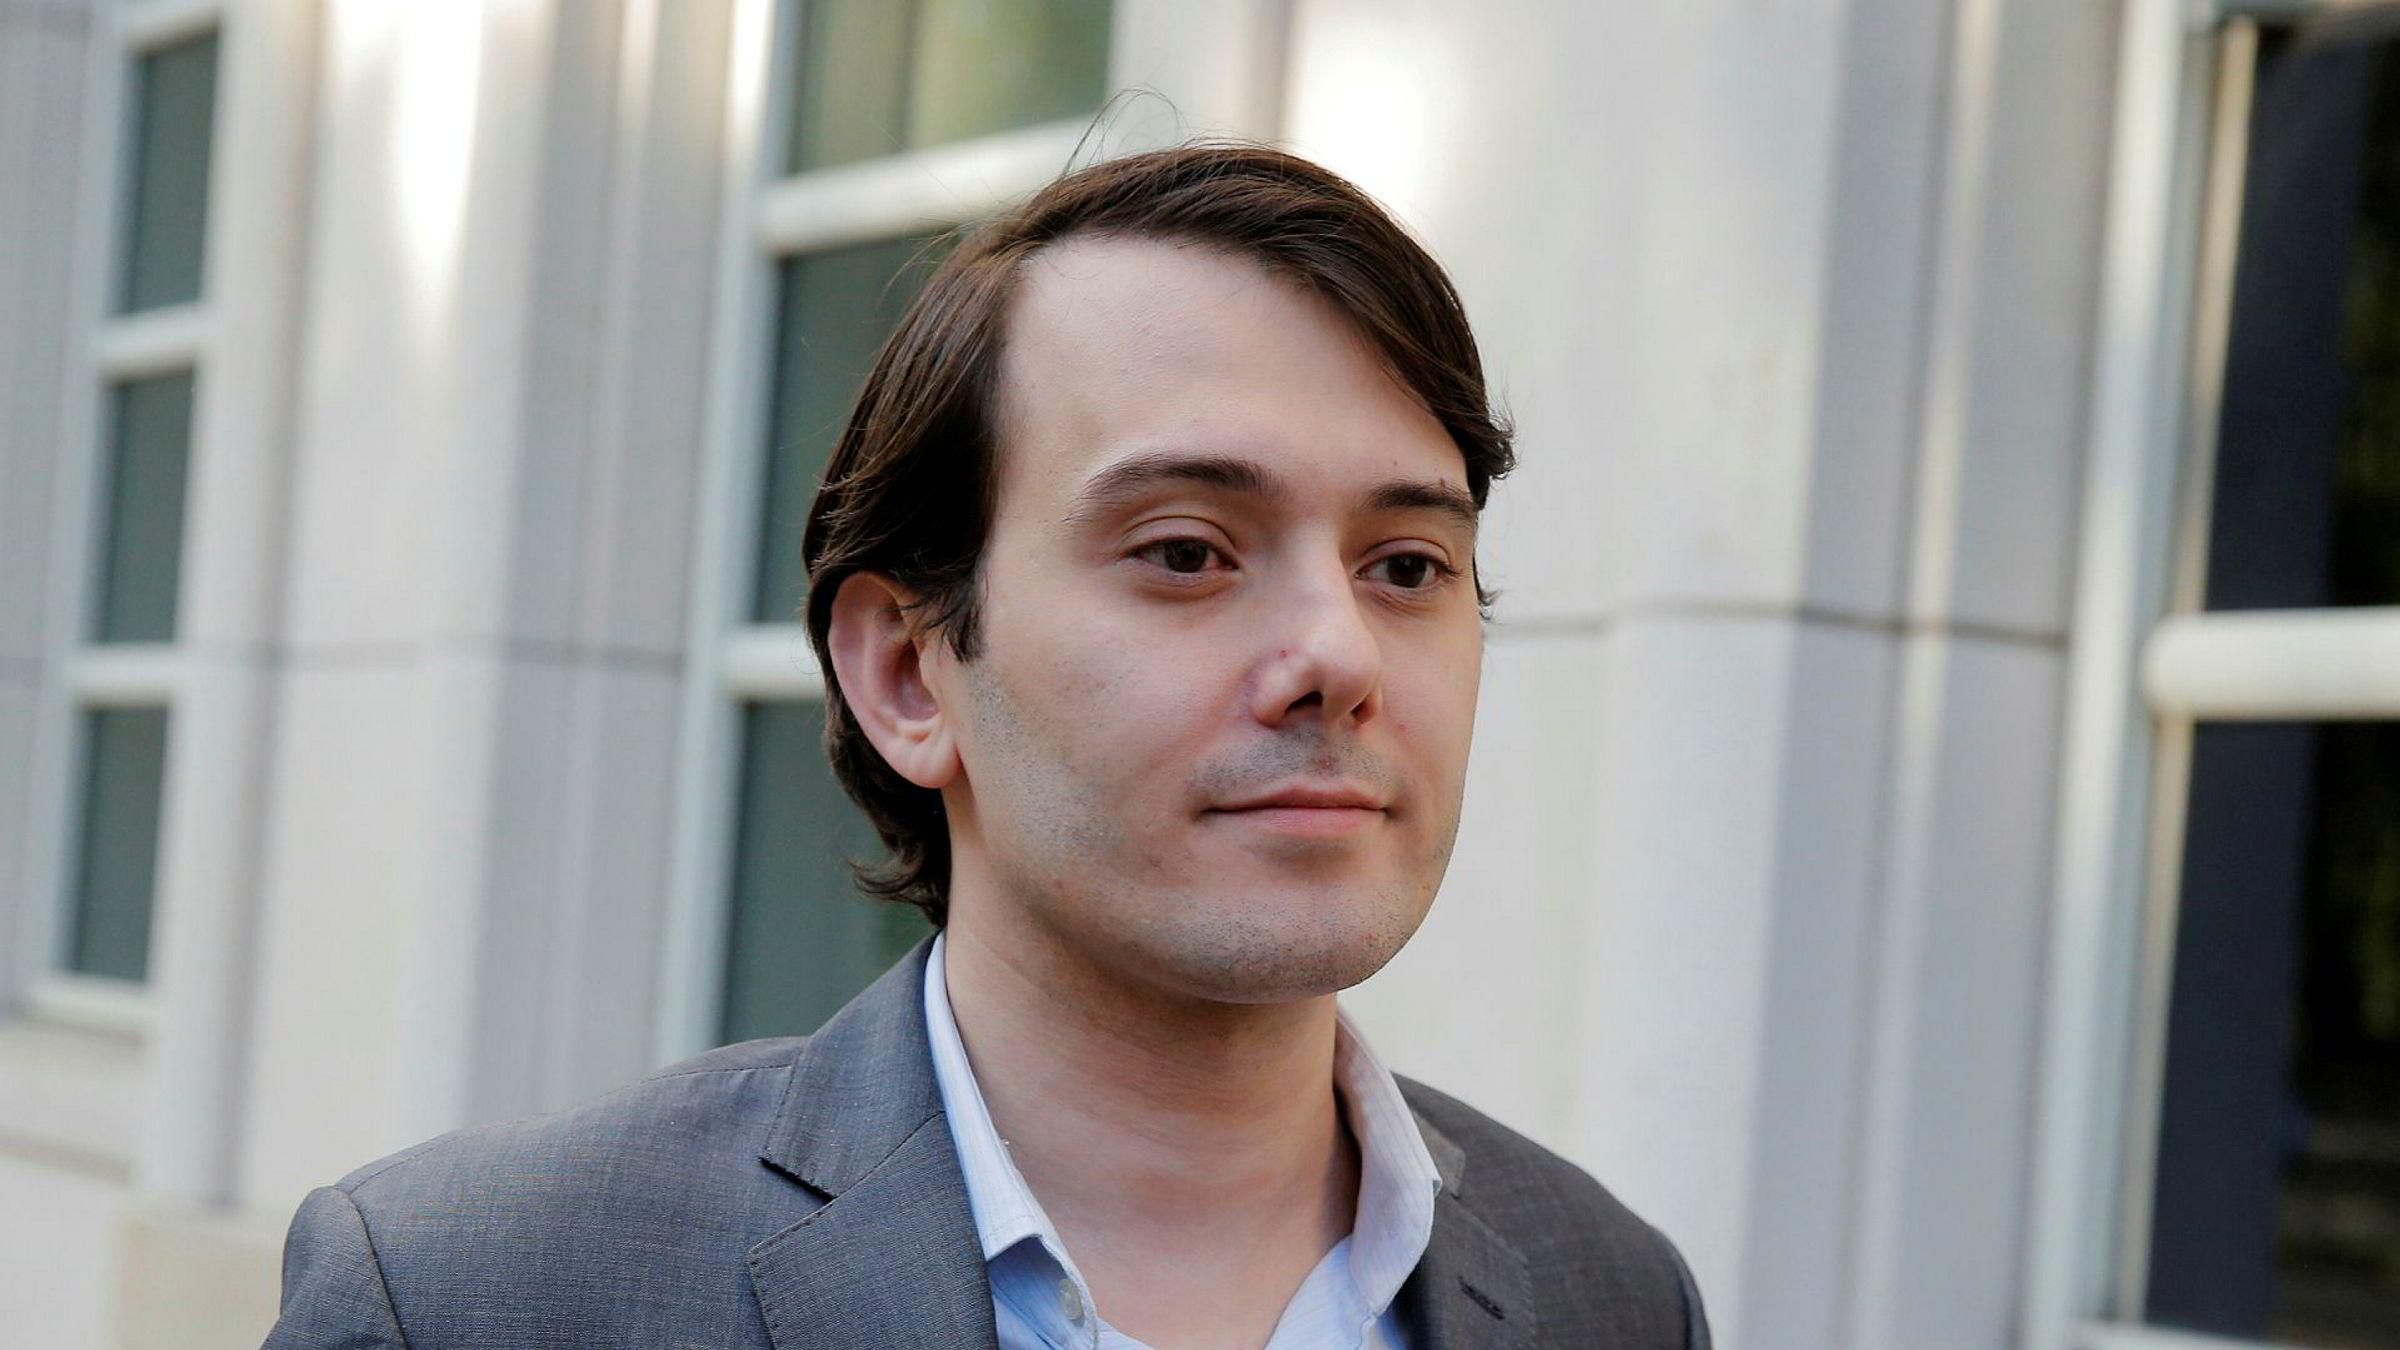 Påtalemyndigheten hadde bedt om 15 års fengsel for Martin Shkreli, men han fikk under det halve.